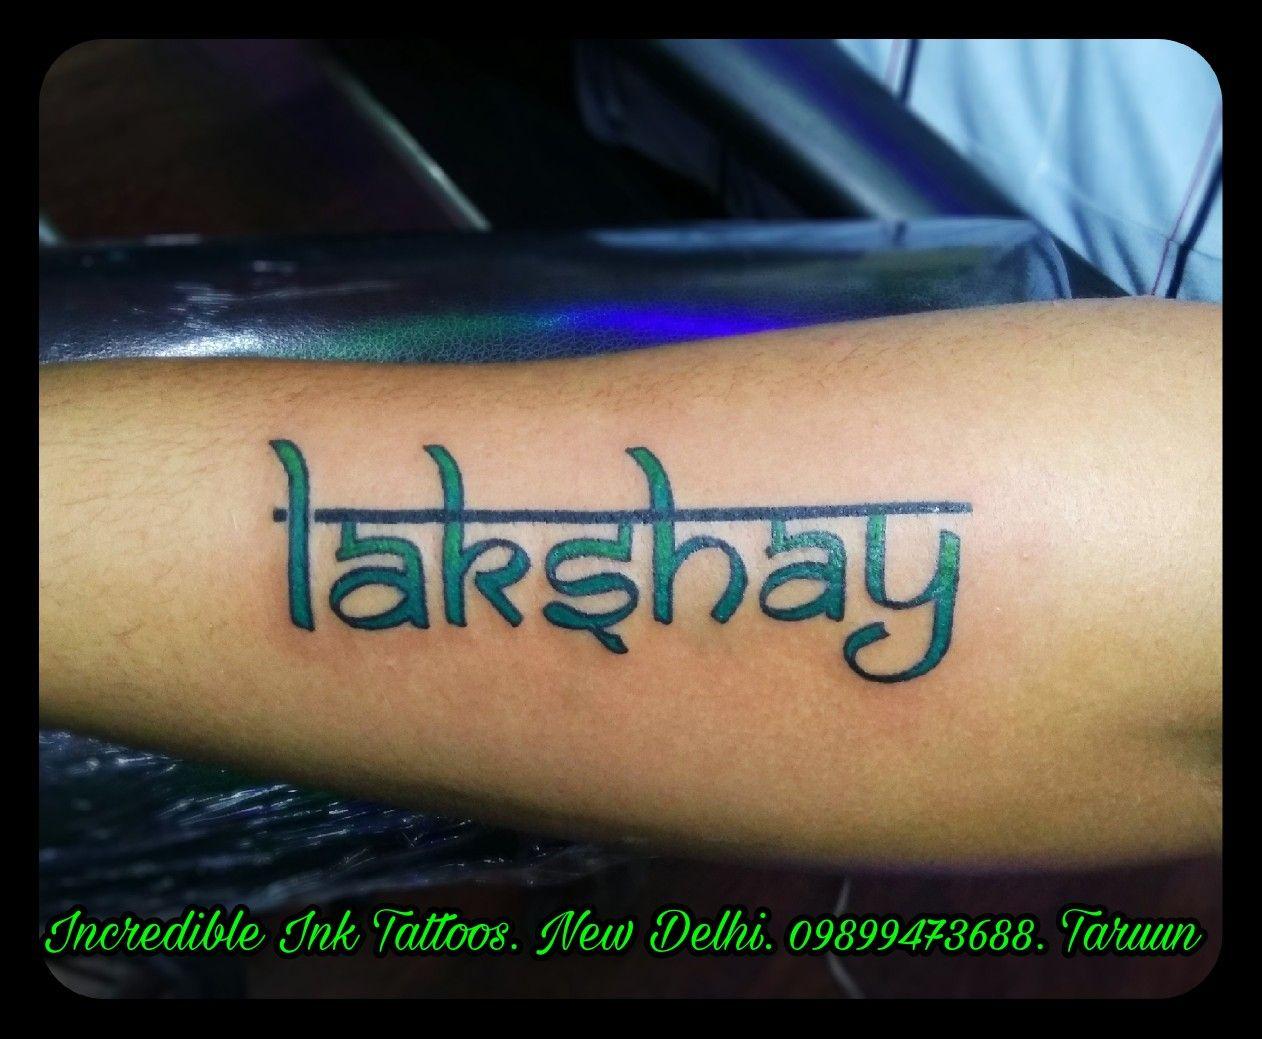 Lakshay Name Tattoo Lakshay Name Tattoo Call And Whats